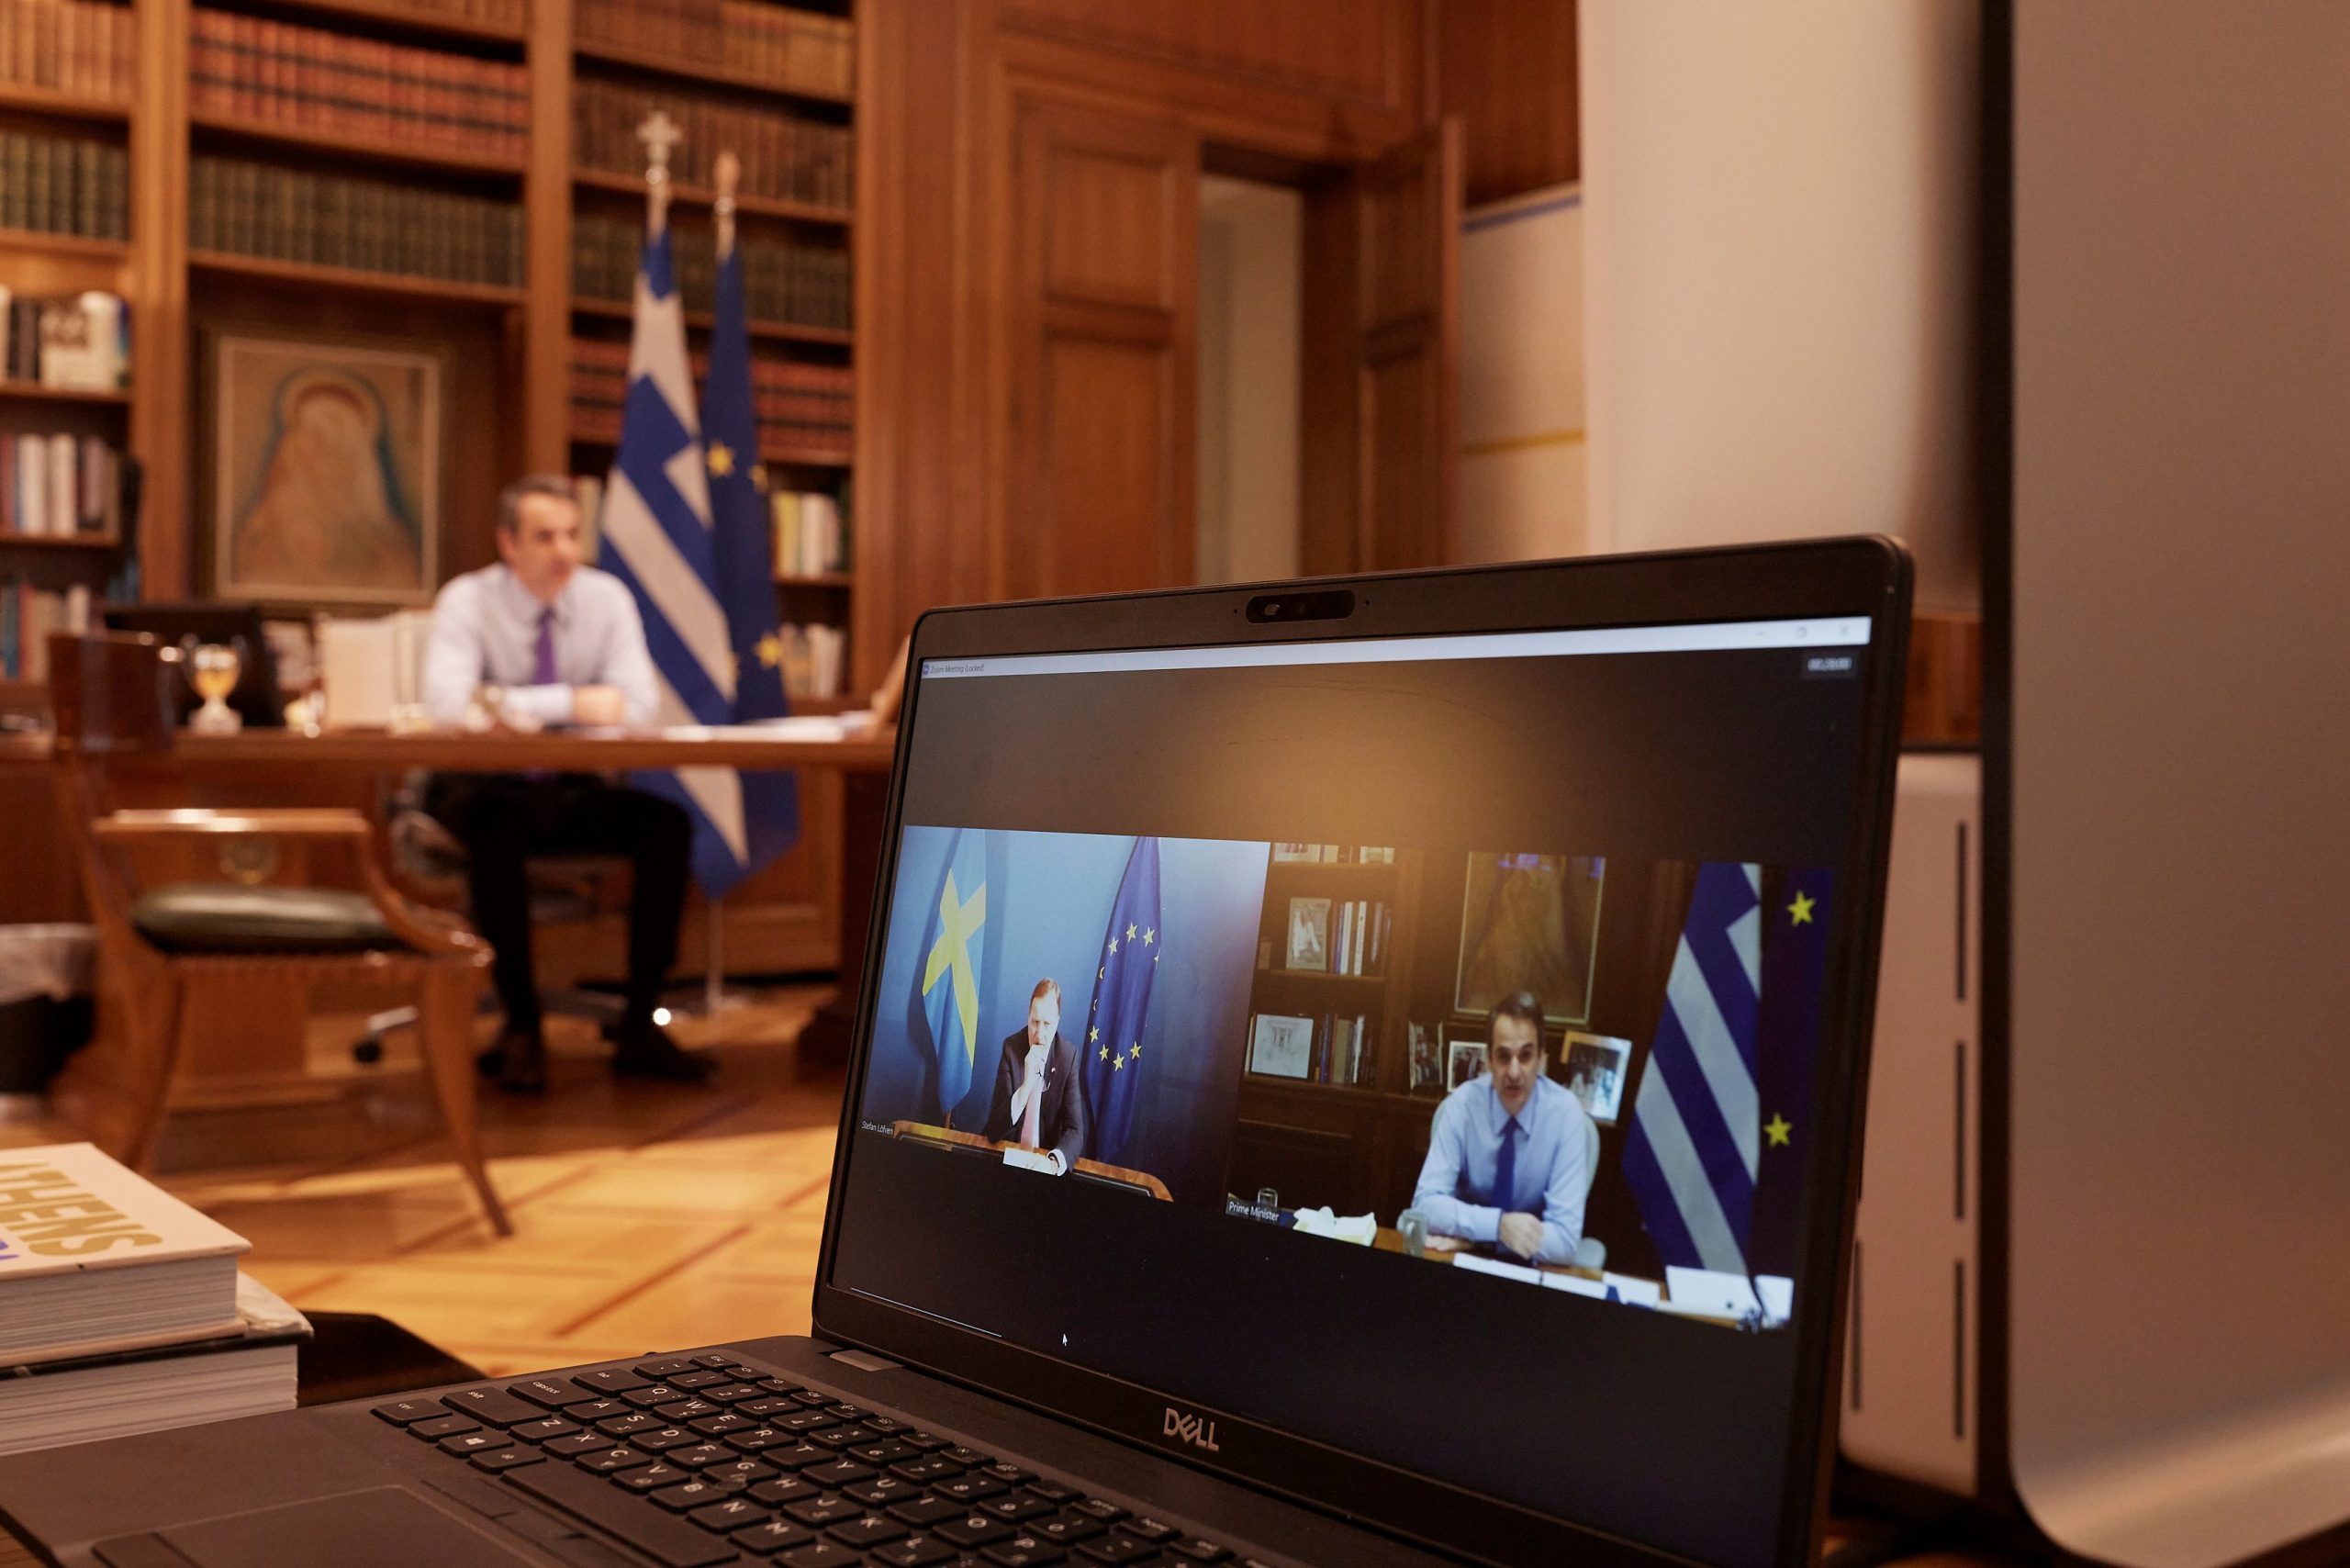 Τηλεδιάσκεψη του Κυρ. Μητσοτάκη με τον πρωθυπουργό της Σουηδίας